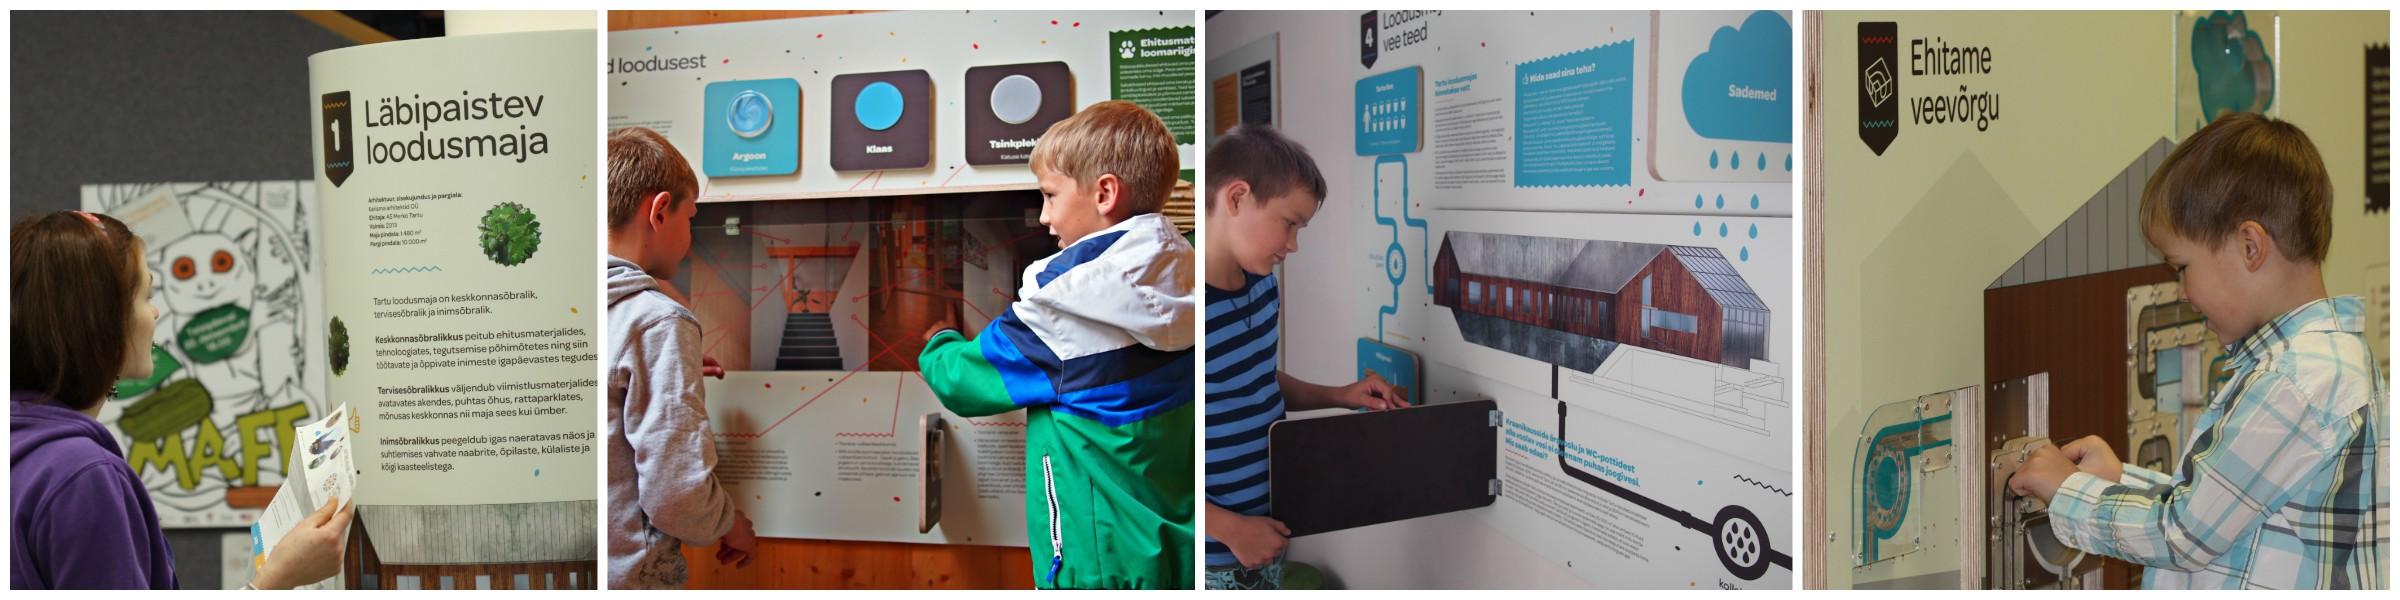 keskkonnasõbralik loodusmaja näitus ehitus